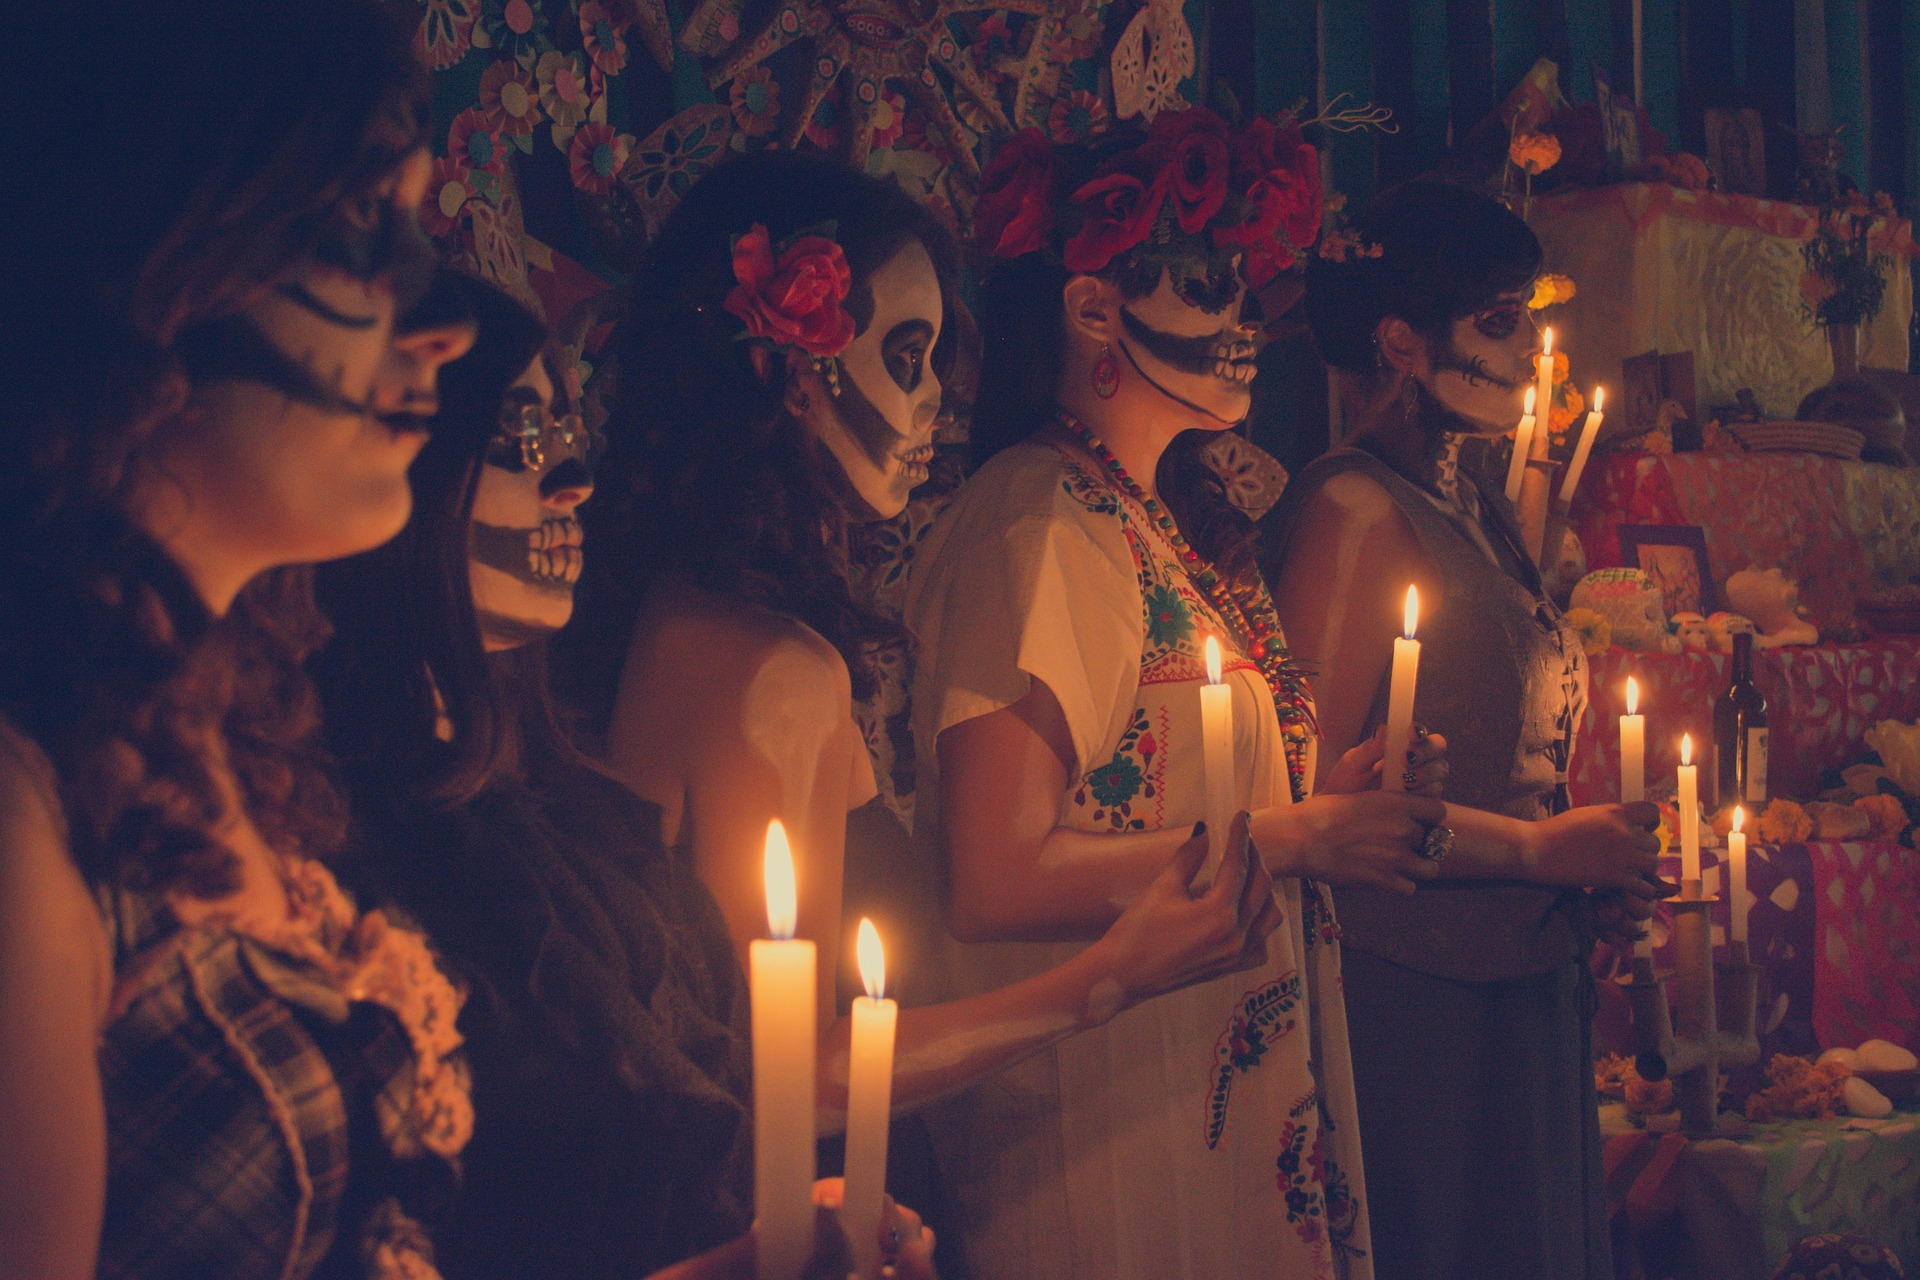 Estos son los días de festejo para la tradición de Día de Muertos | Foto: Gobierno de México